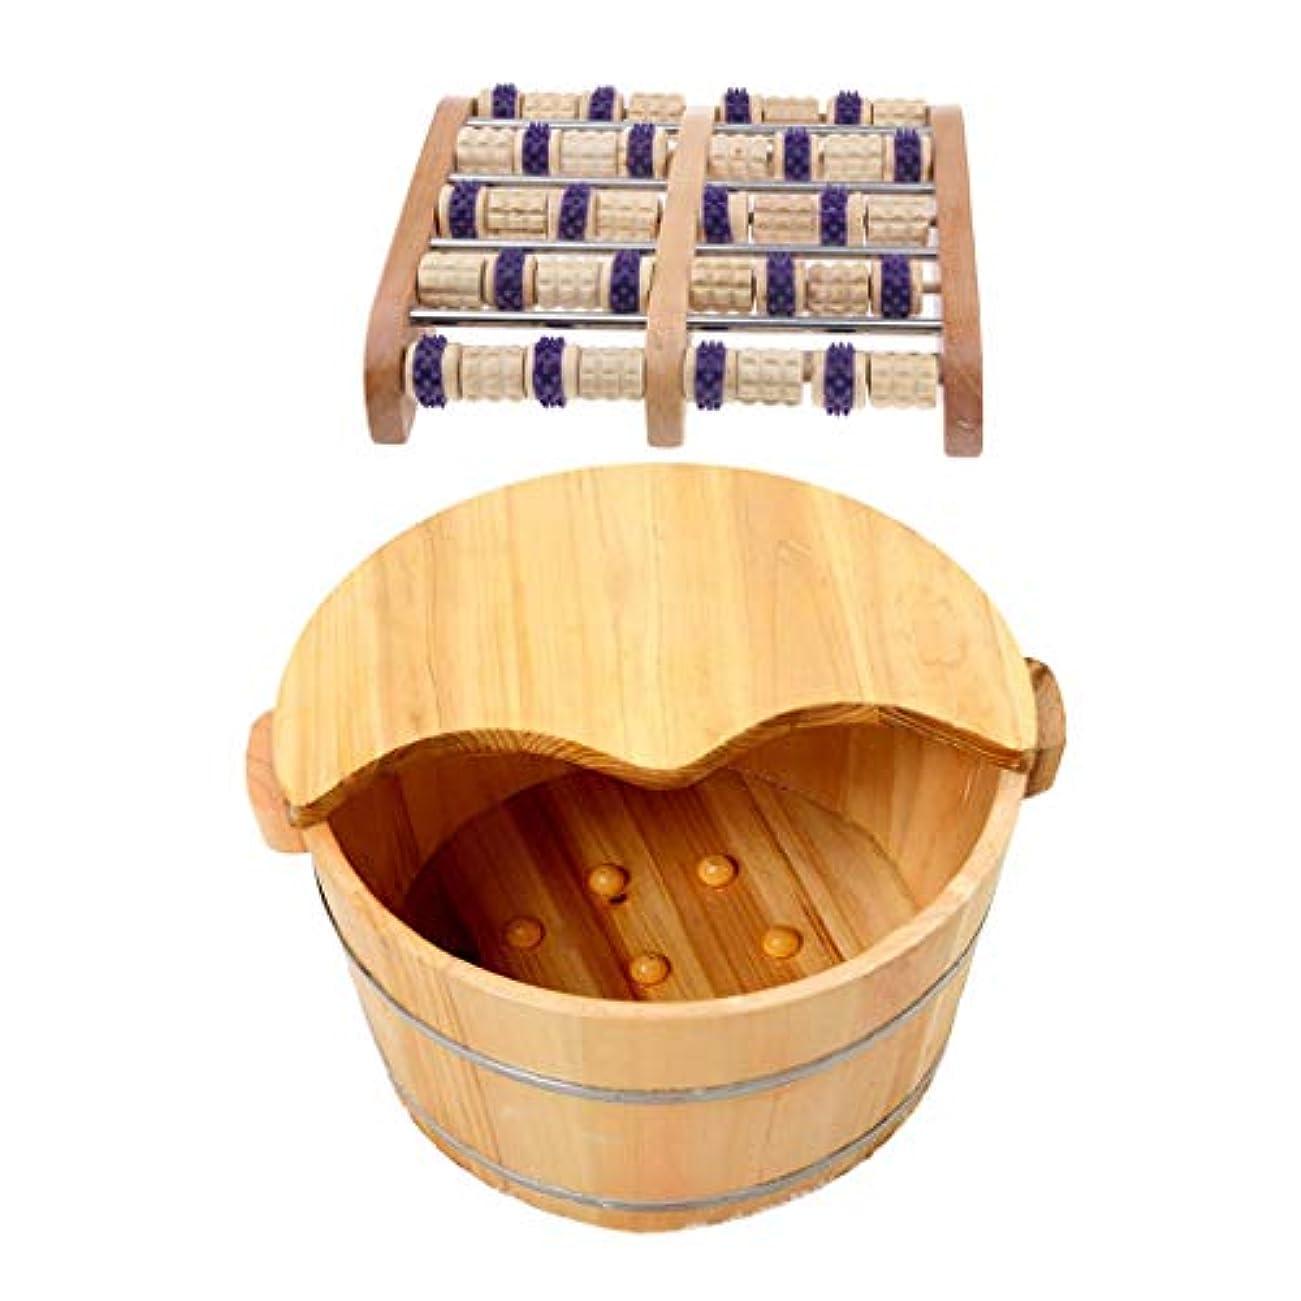 雇用者地下鉄用量Fenteer 足つぼマッサージ 手作りウッドマッサー フット ローラー 足裏刺激 血行促進 木製の足の洗面台付き